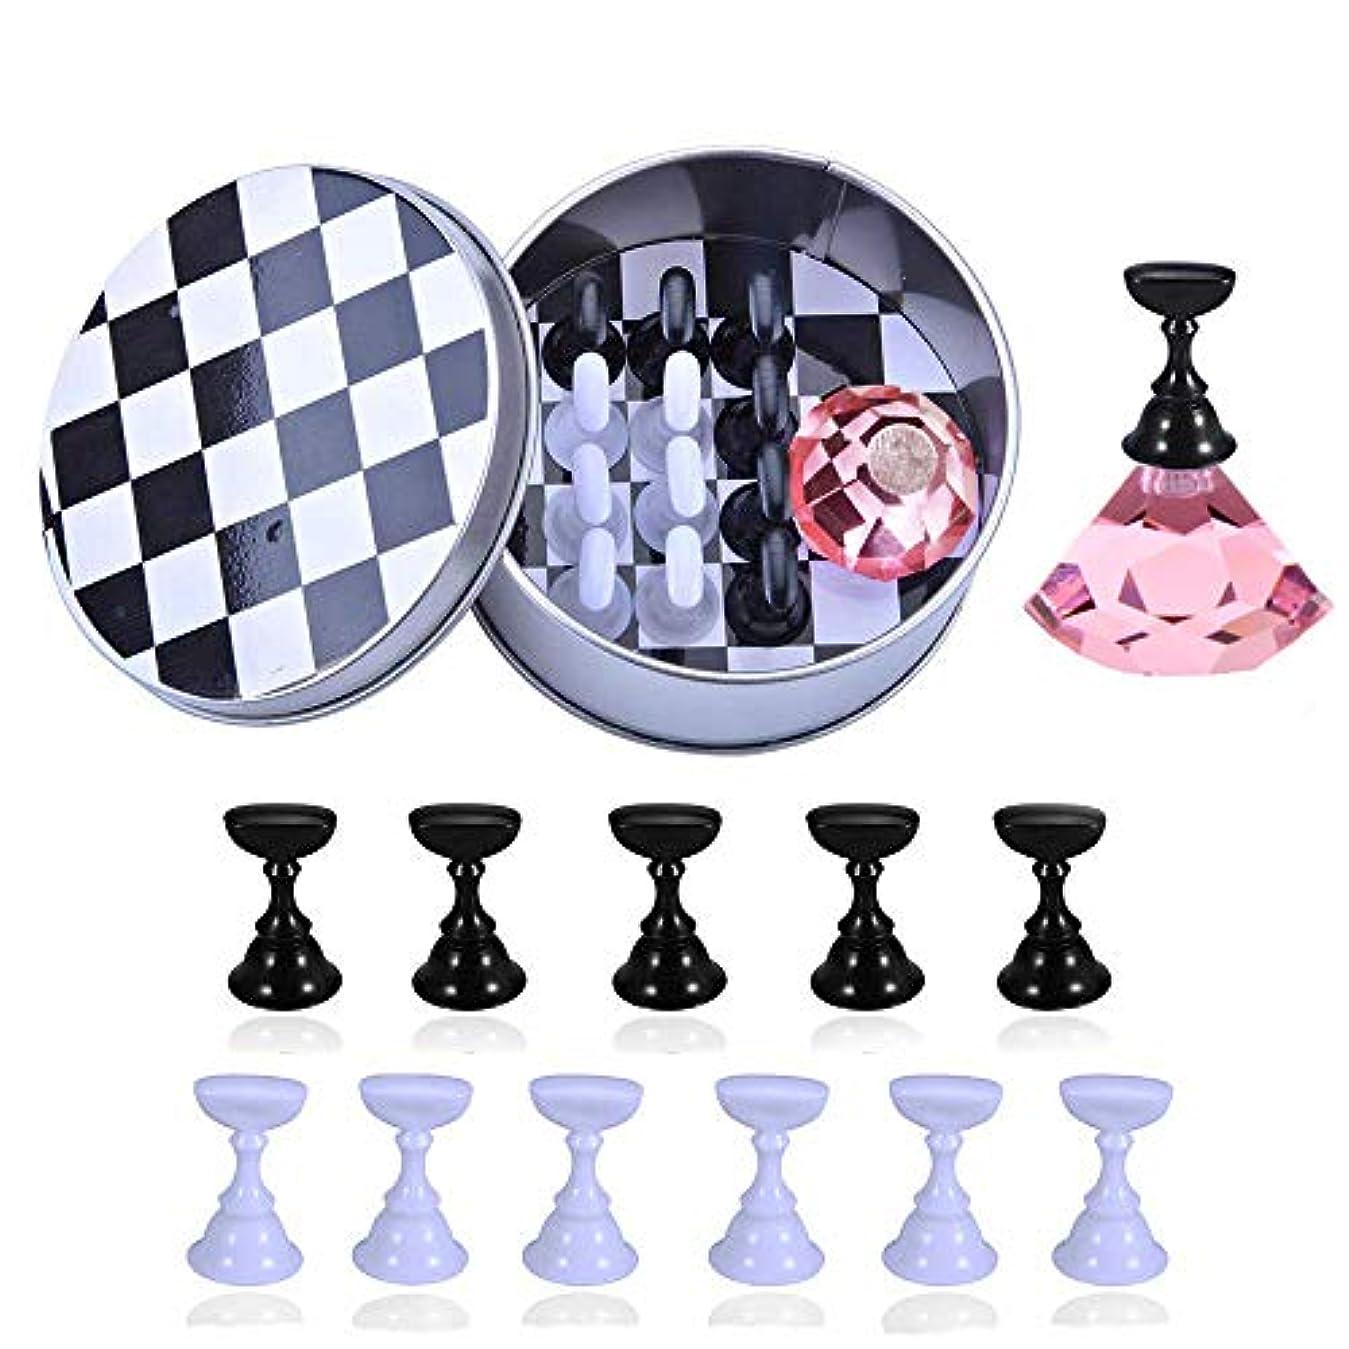 保有者エリート難民12本 磁気ネイルアートディスプレイスタンド Kalolary チェスボード ネイルチップスタンド ディスプレイスタンド サンプルチップ 練習ネイルサロンツール